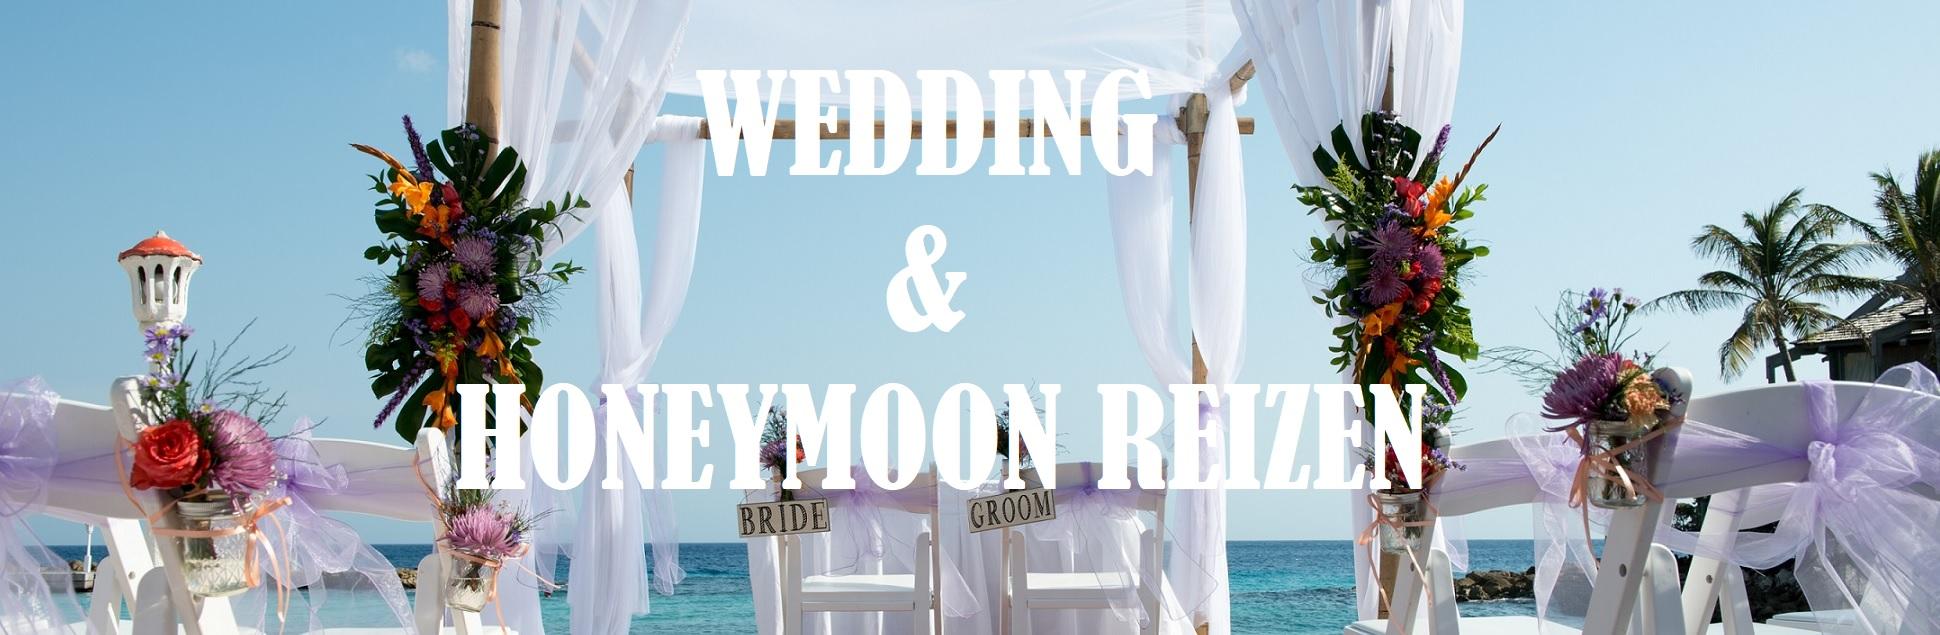 Wedding en Honeymoon reizen